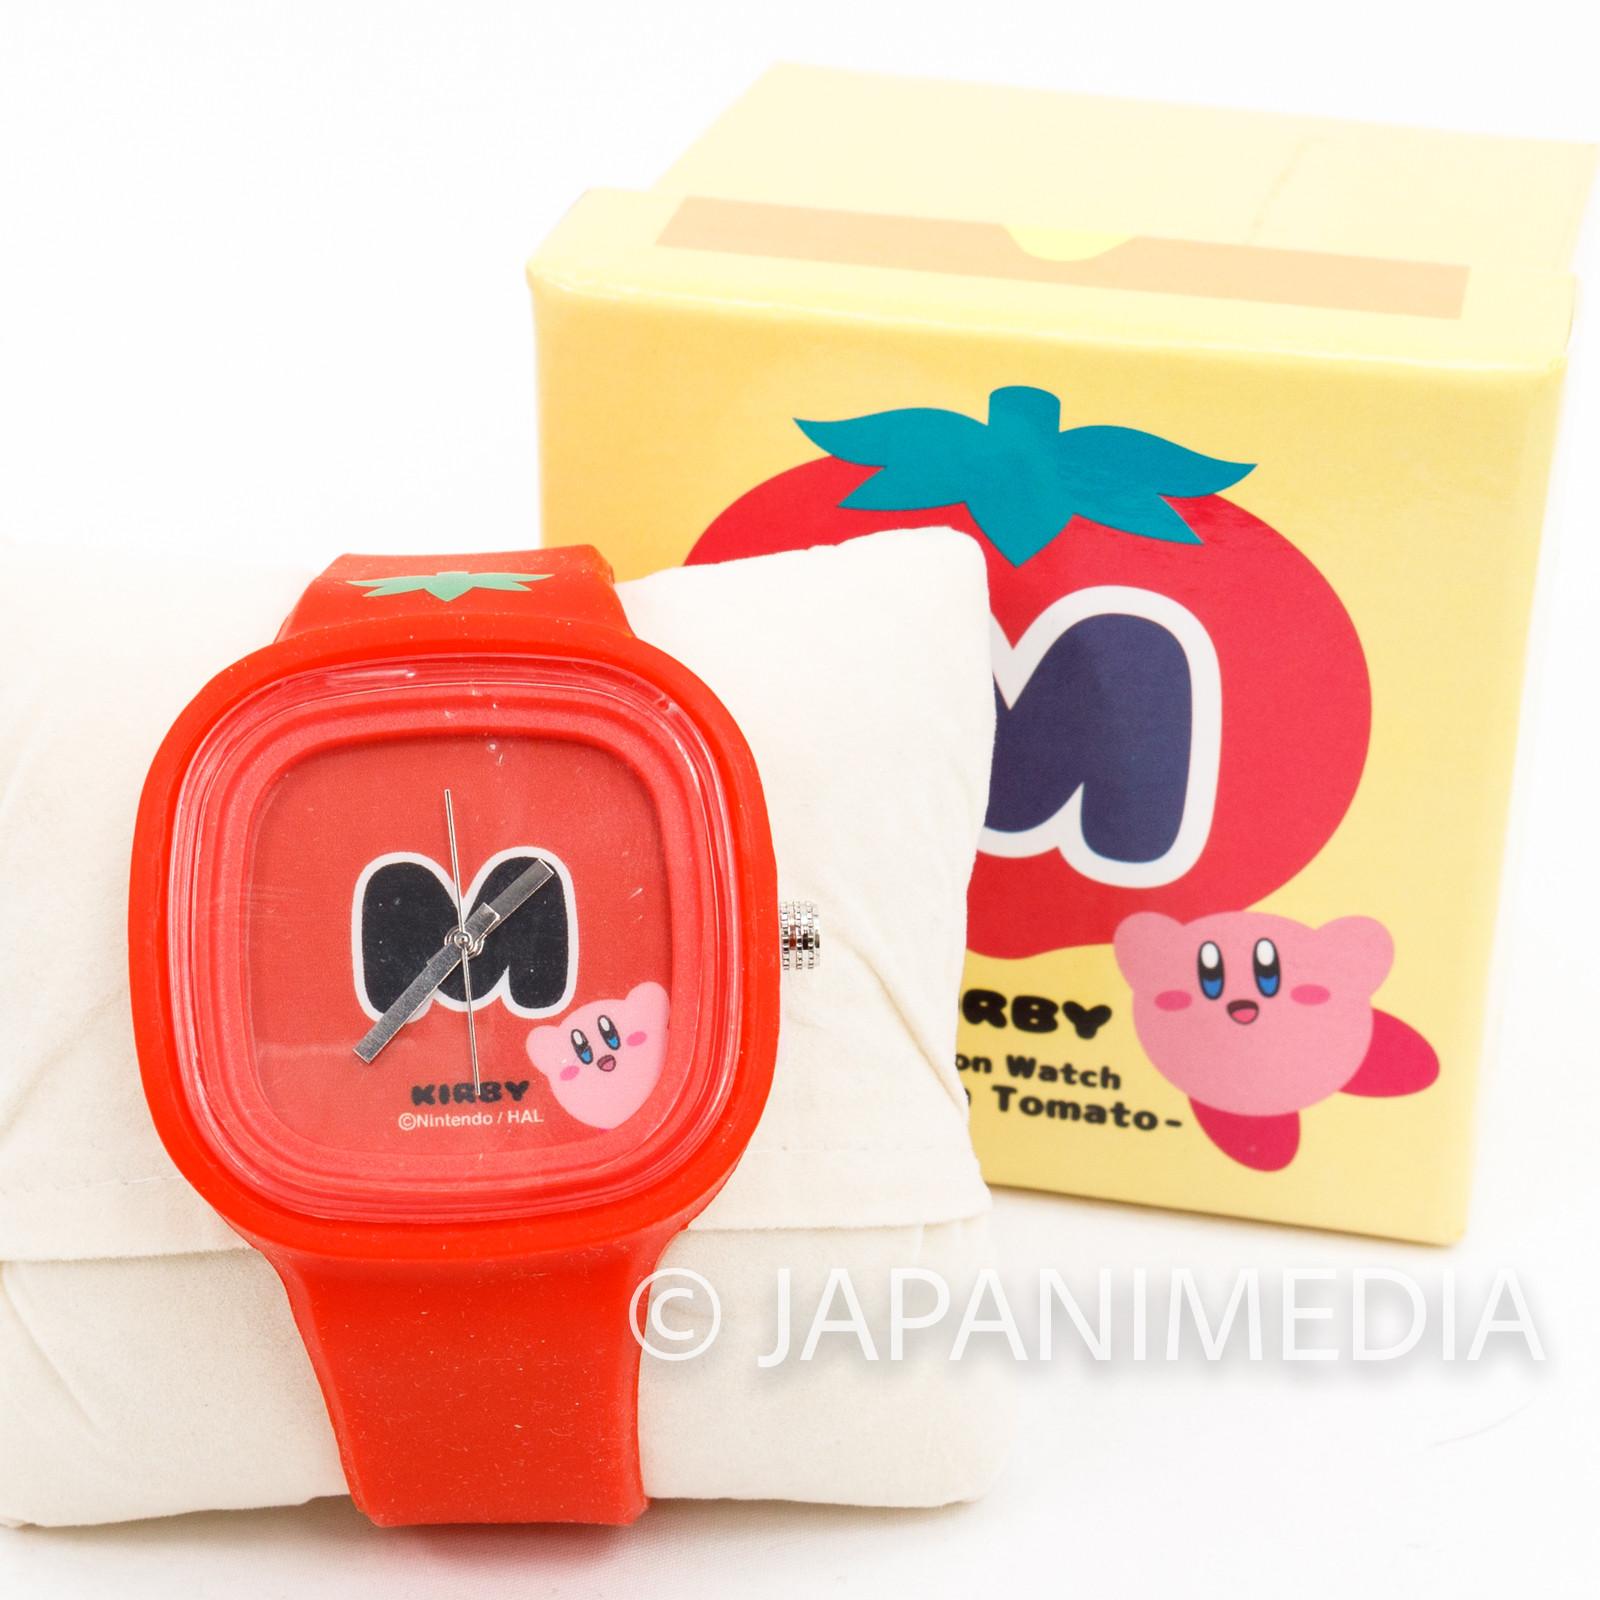 Kirby Super Star Silicon Wrist Watch JAPAN GAME NINTNEDO 2